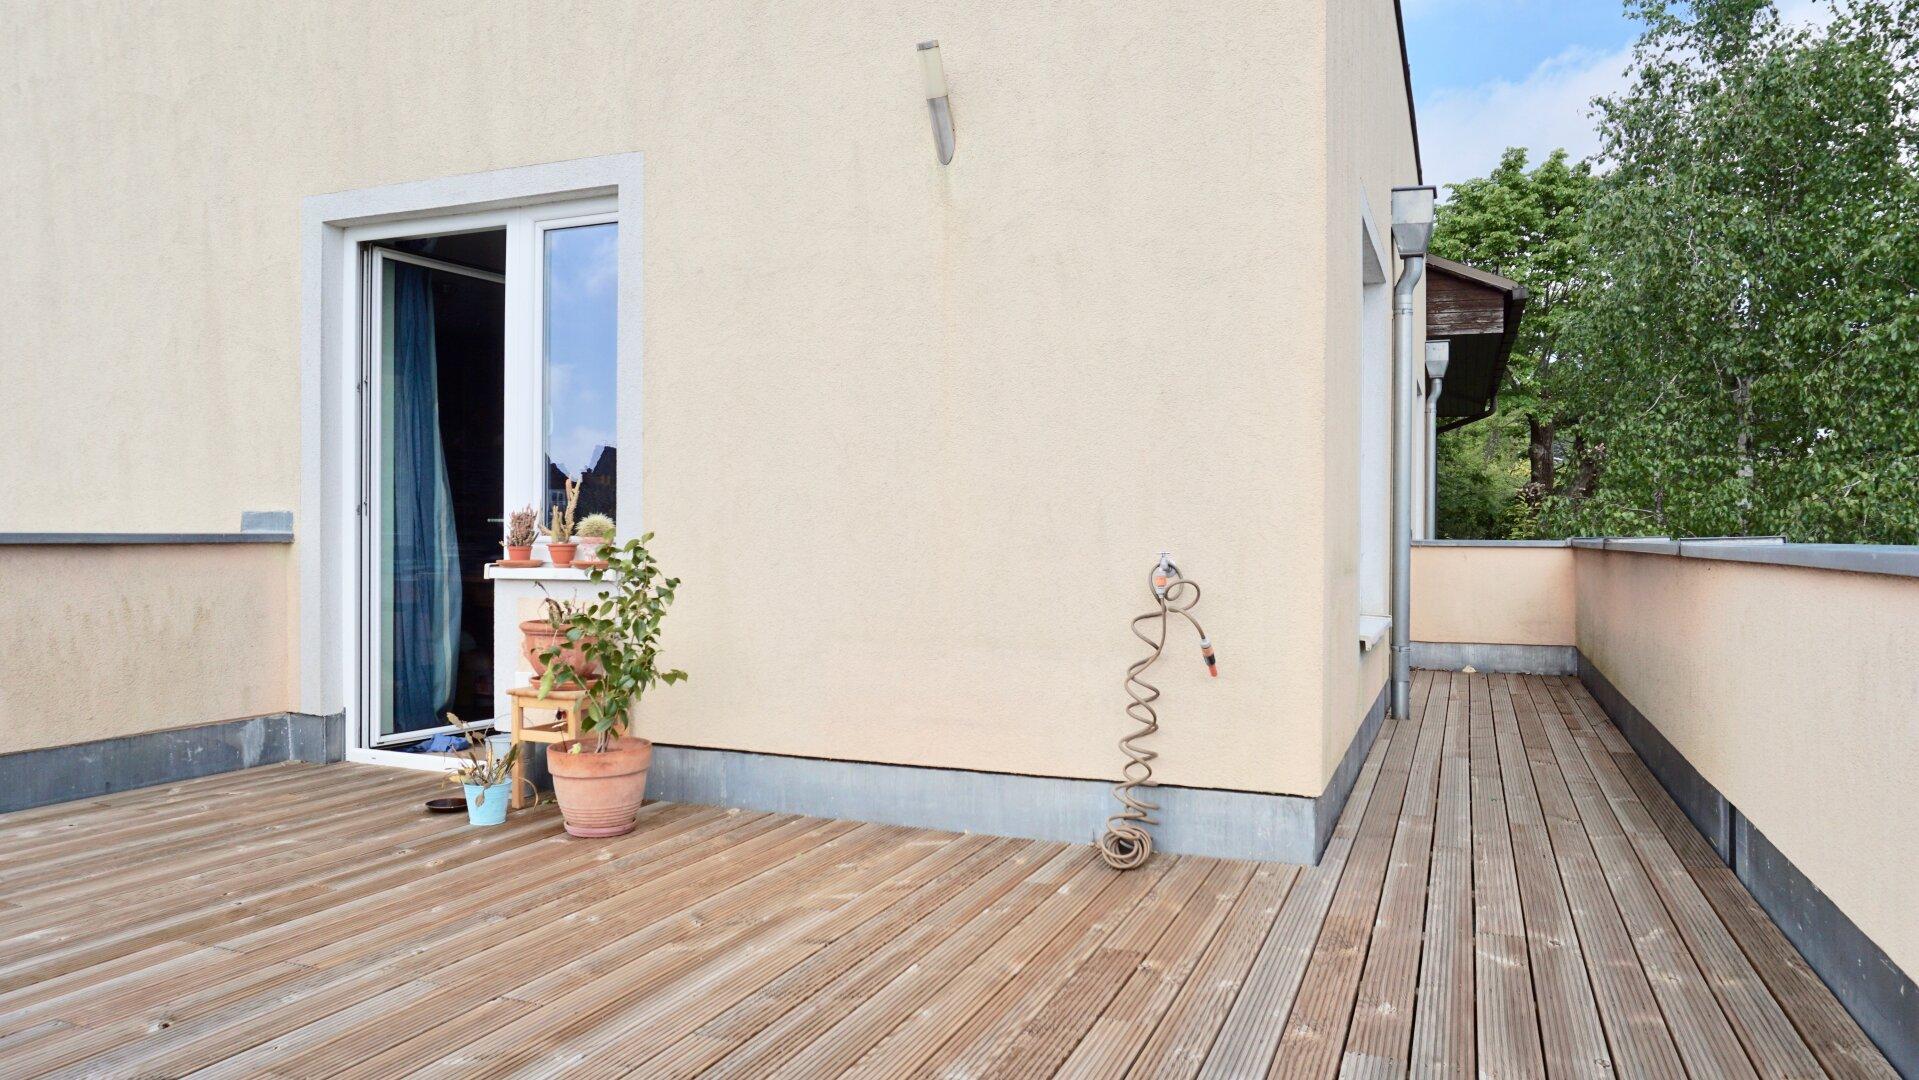 Terrasse 1. OG mit Wasseranschluss